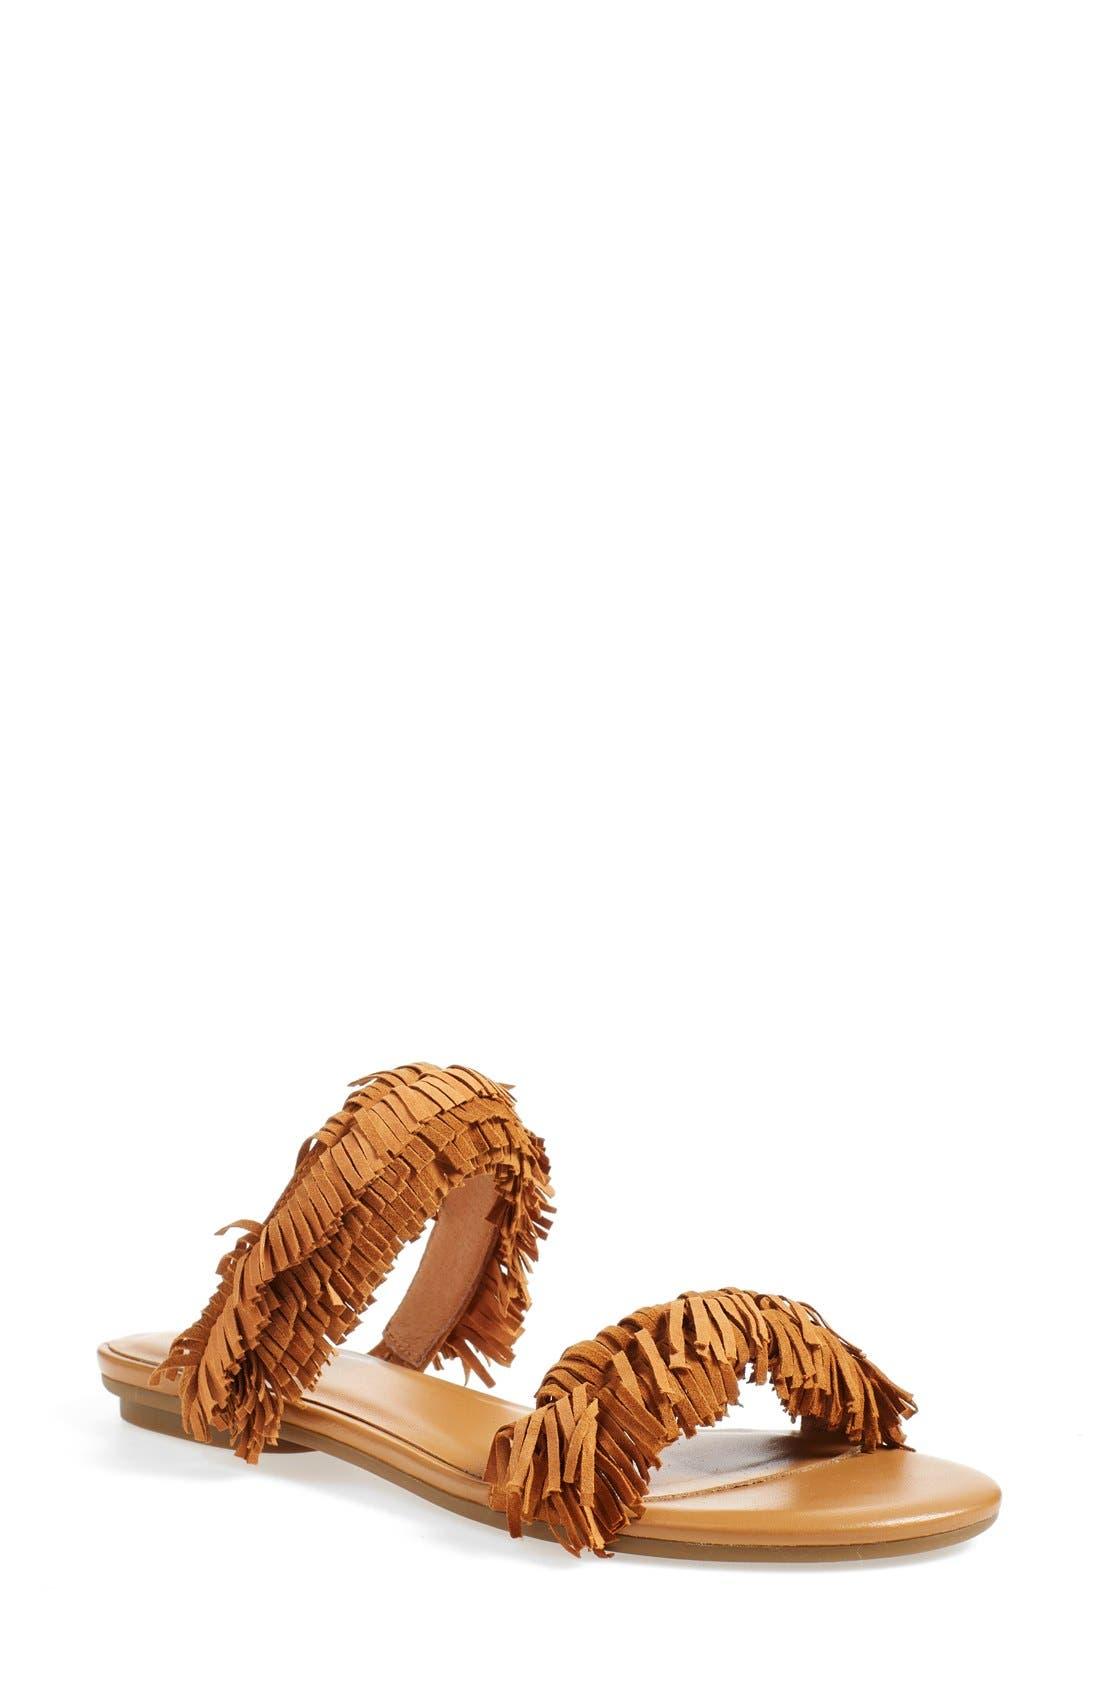 Alternate Image 1 Selected - Joie 'Pippa' Fringe Slide Sandal (Women)